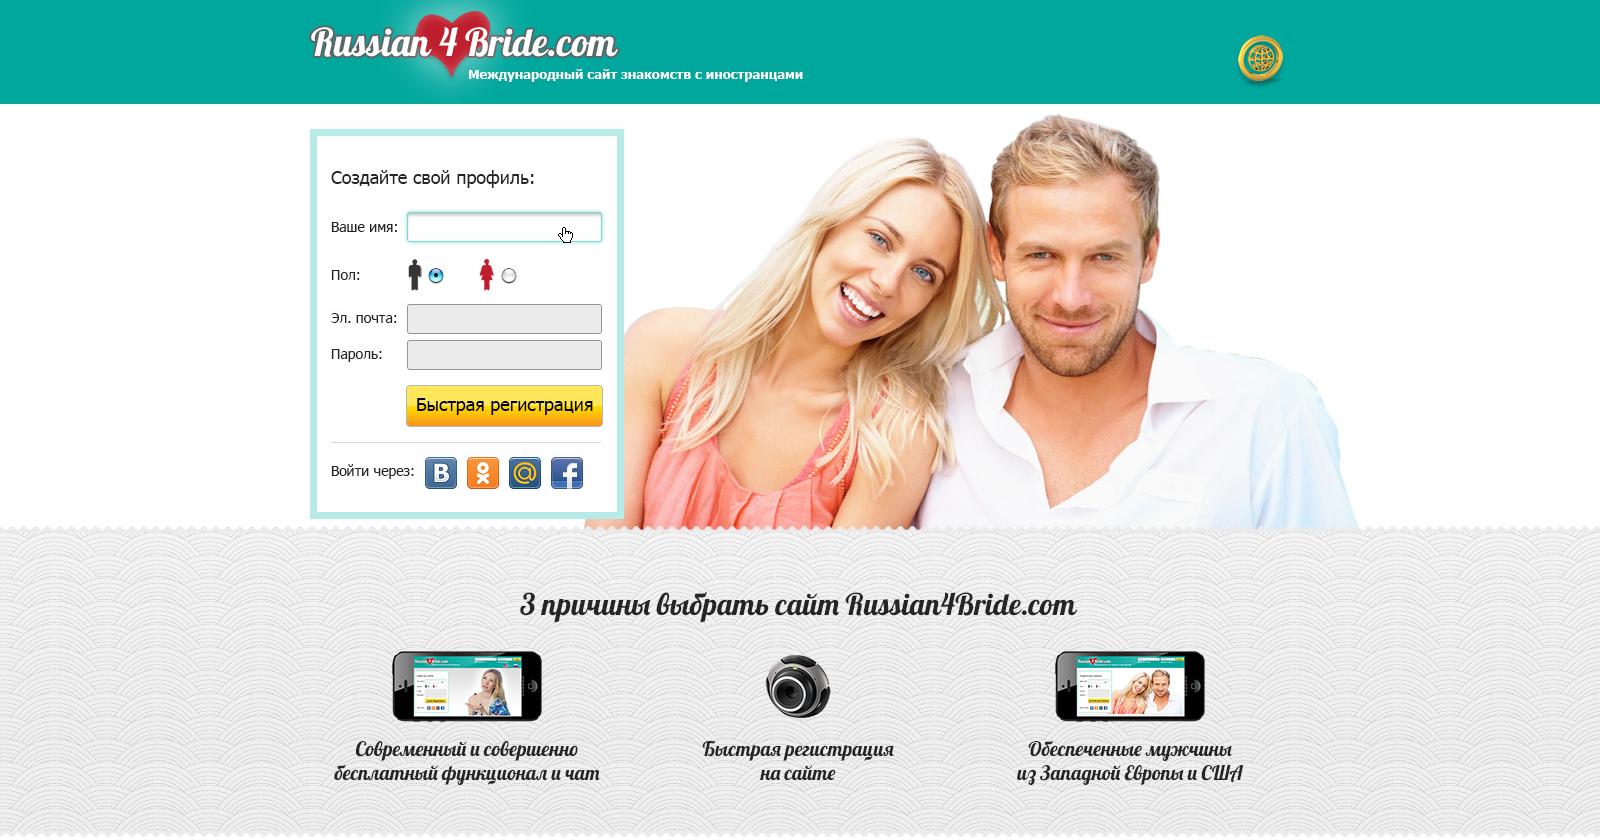 Иностранцами с хороший посоветуйте знакомства сайт